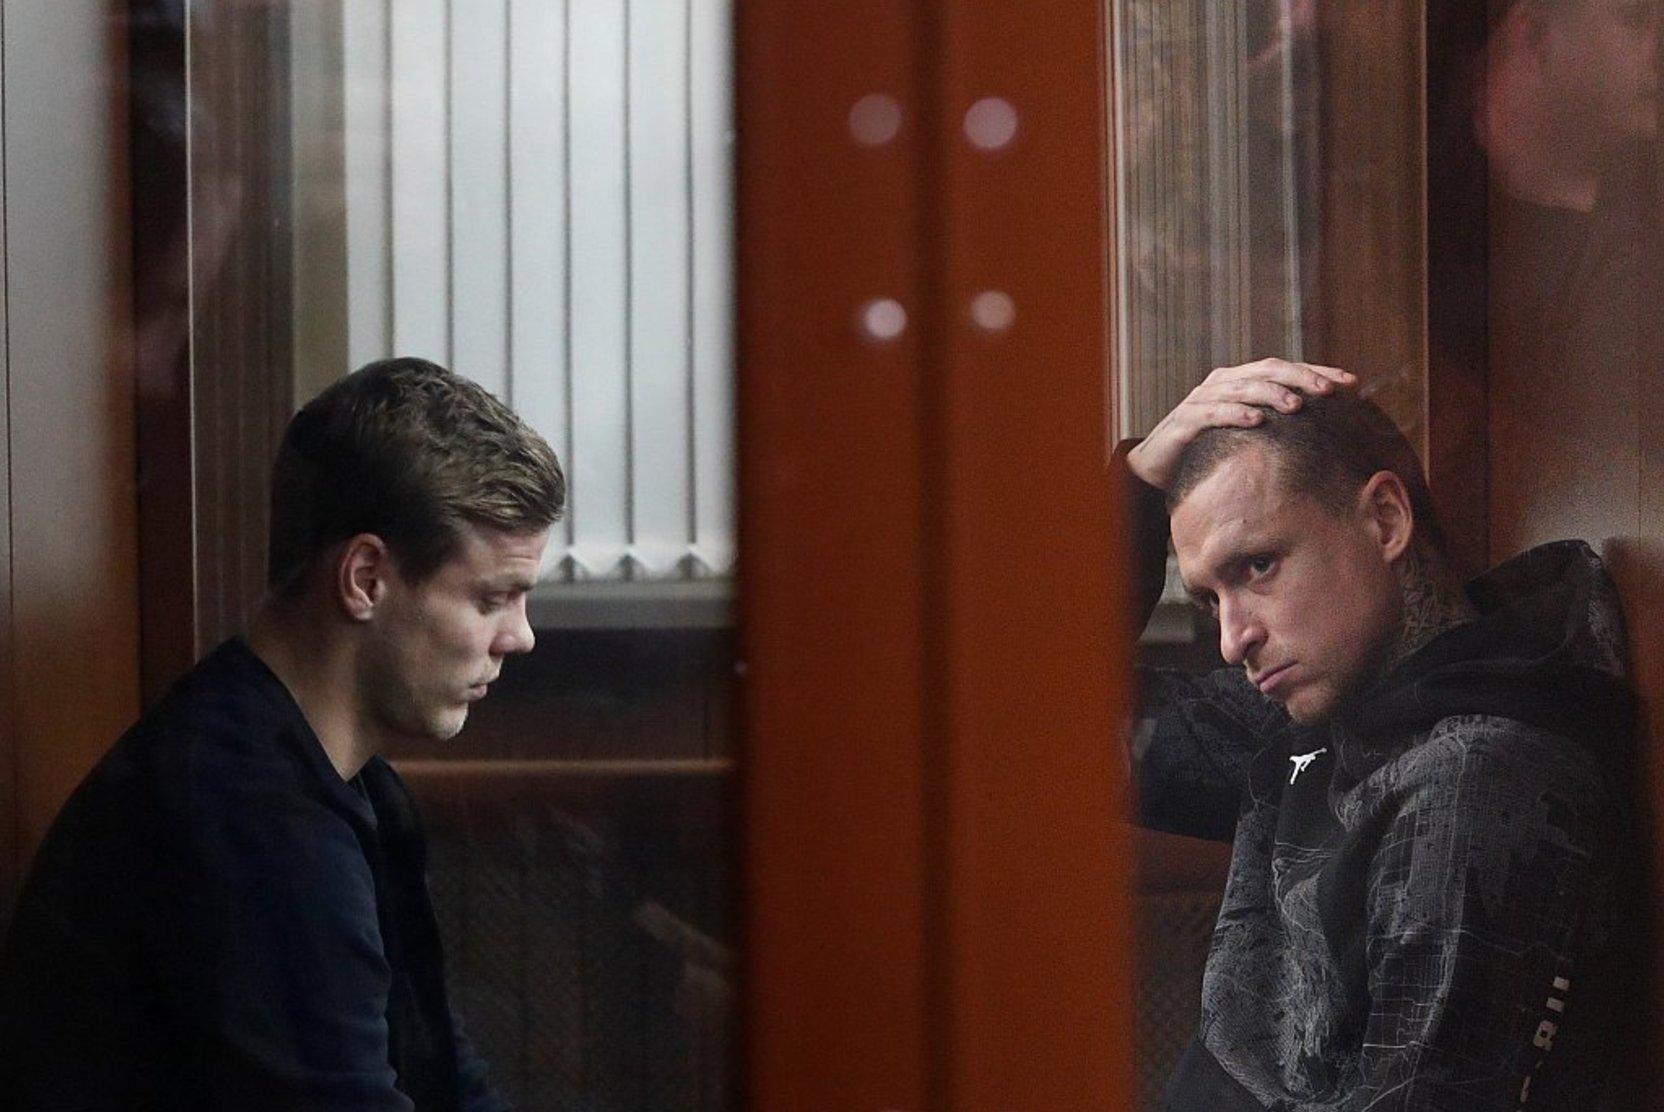 Адвокат: Избитый Мамаевым и Кокориным водитель отсудил ещё 200 тысяч рублей